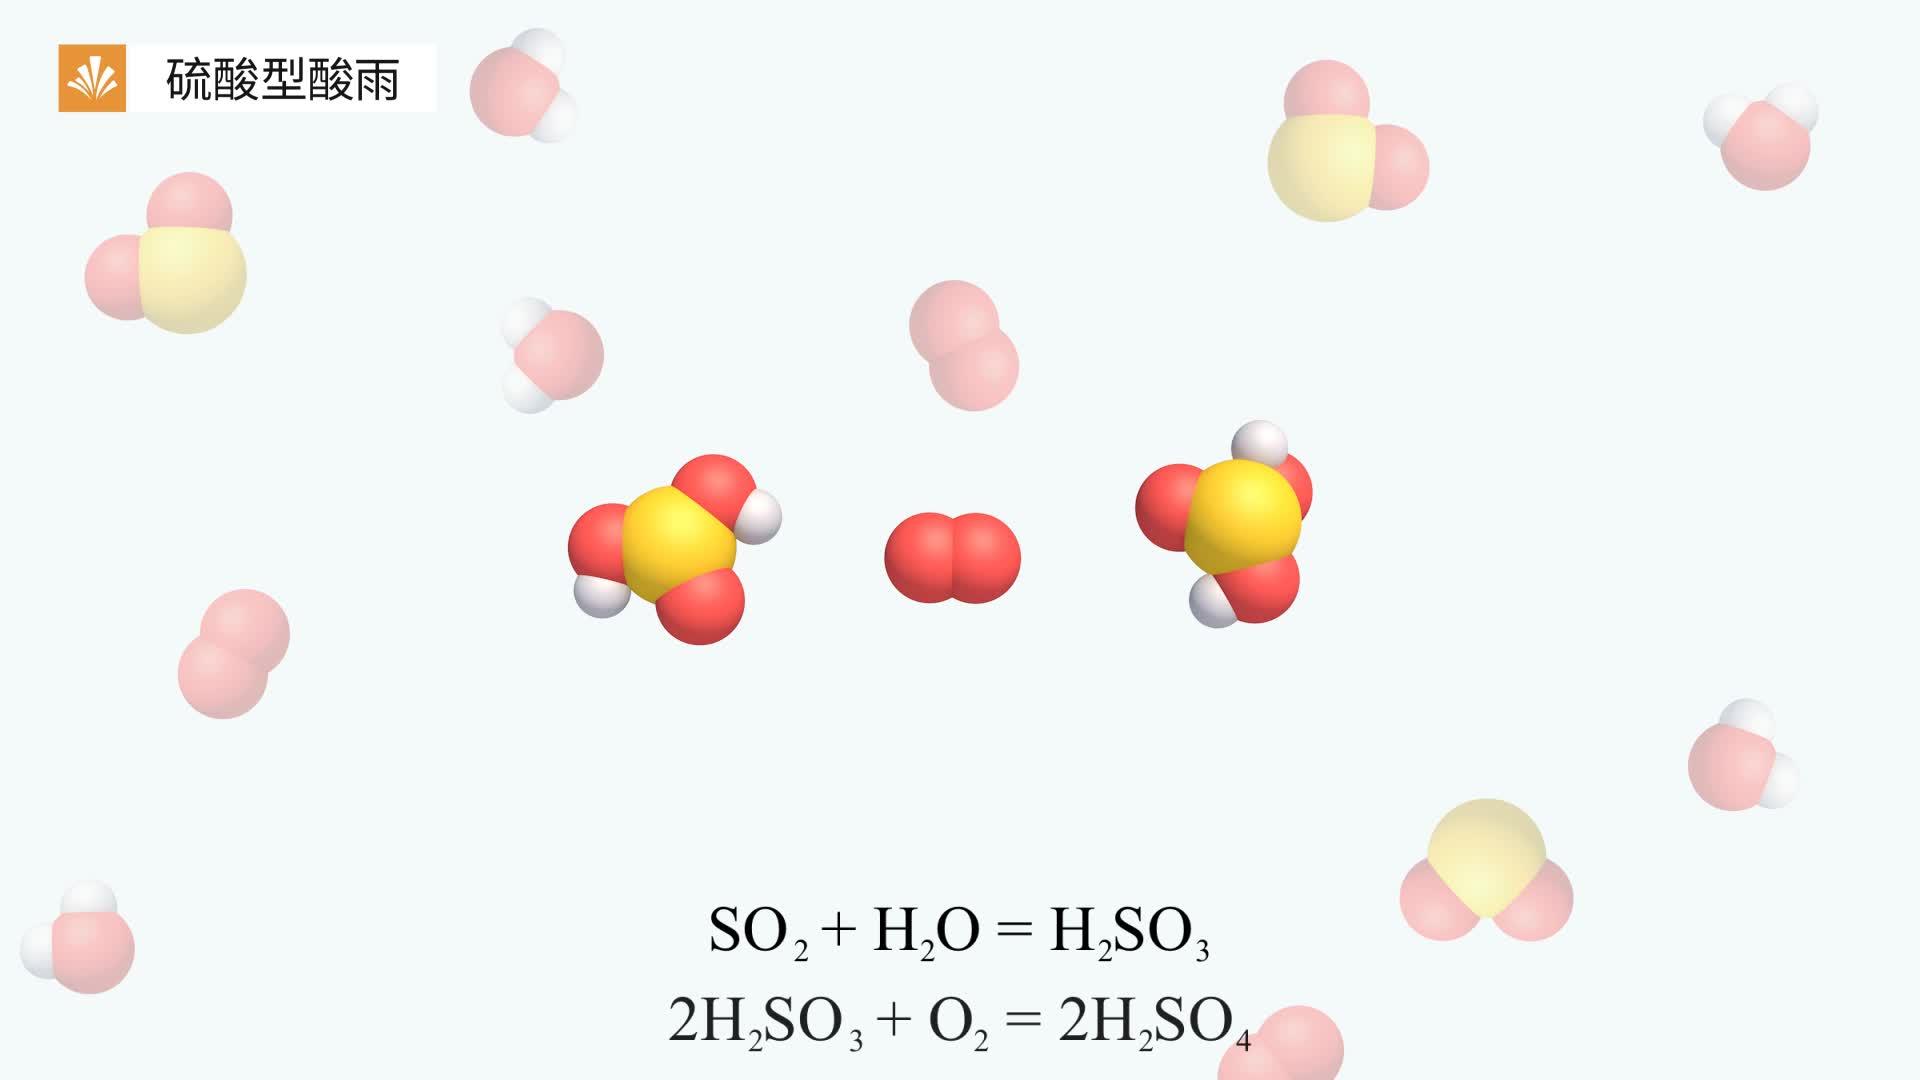 无机化学-非金属及其化合物-酸雨的形成 【限时免费】4.3 酸雨的形成-【火花学院】人教版必修一高一化学 第四章 非金属及其化合物 第三节 硫和氮的氧化物 [来自e网通客户端]